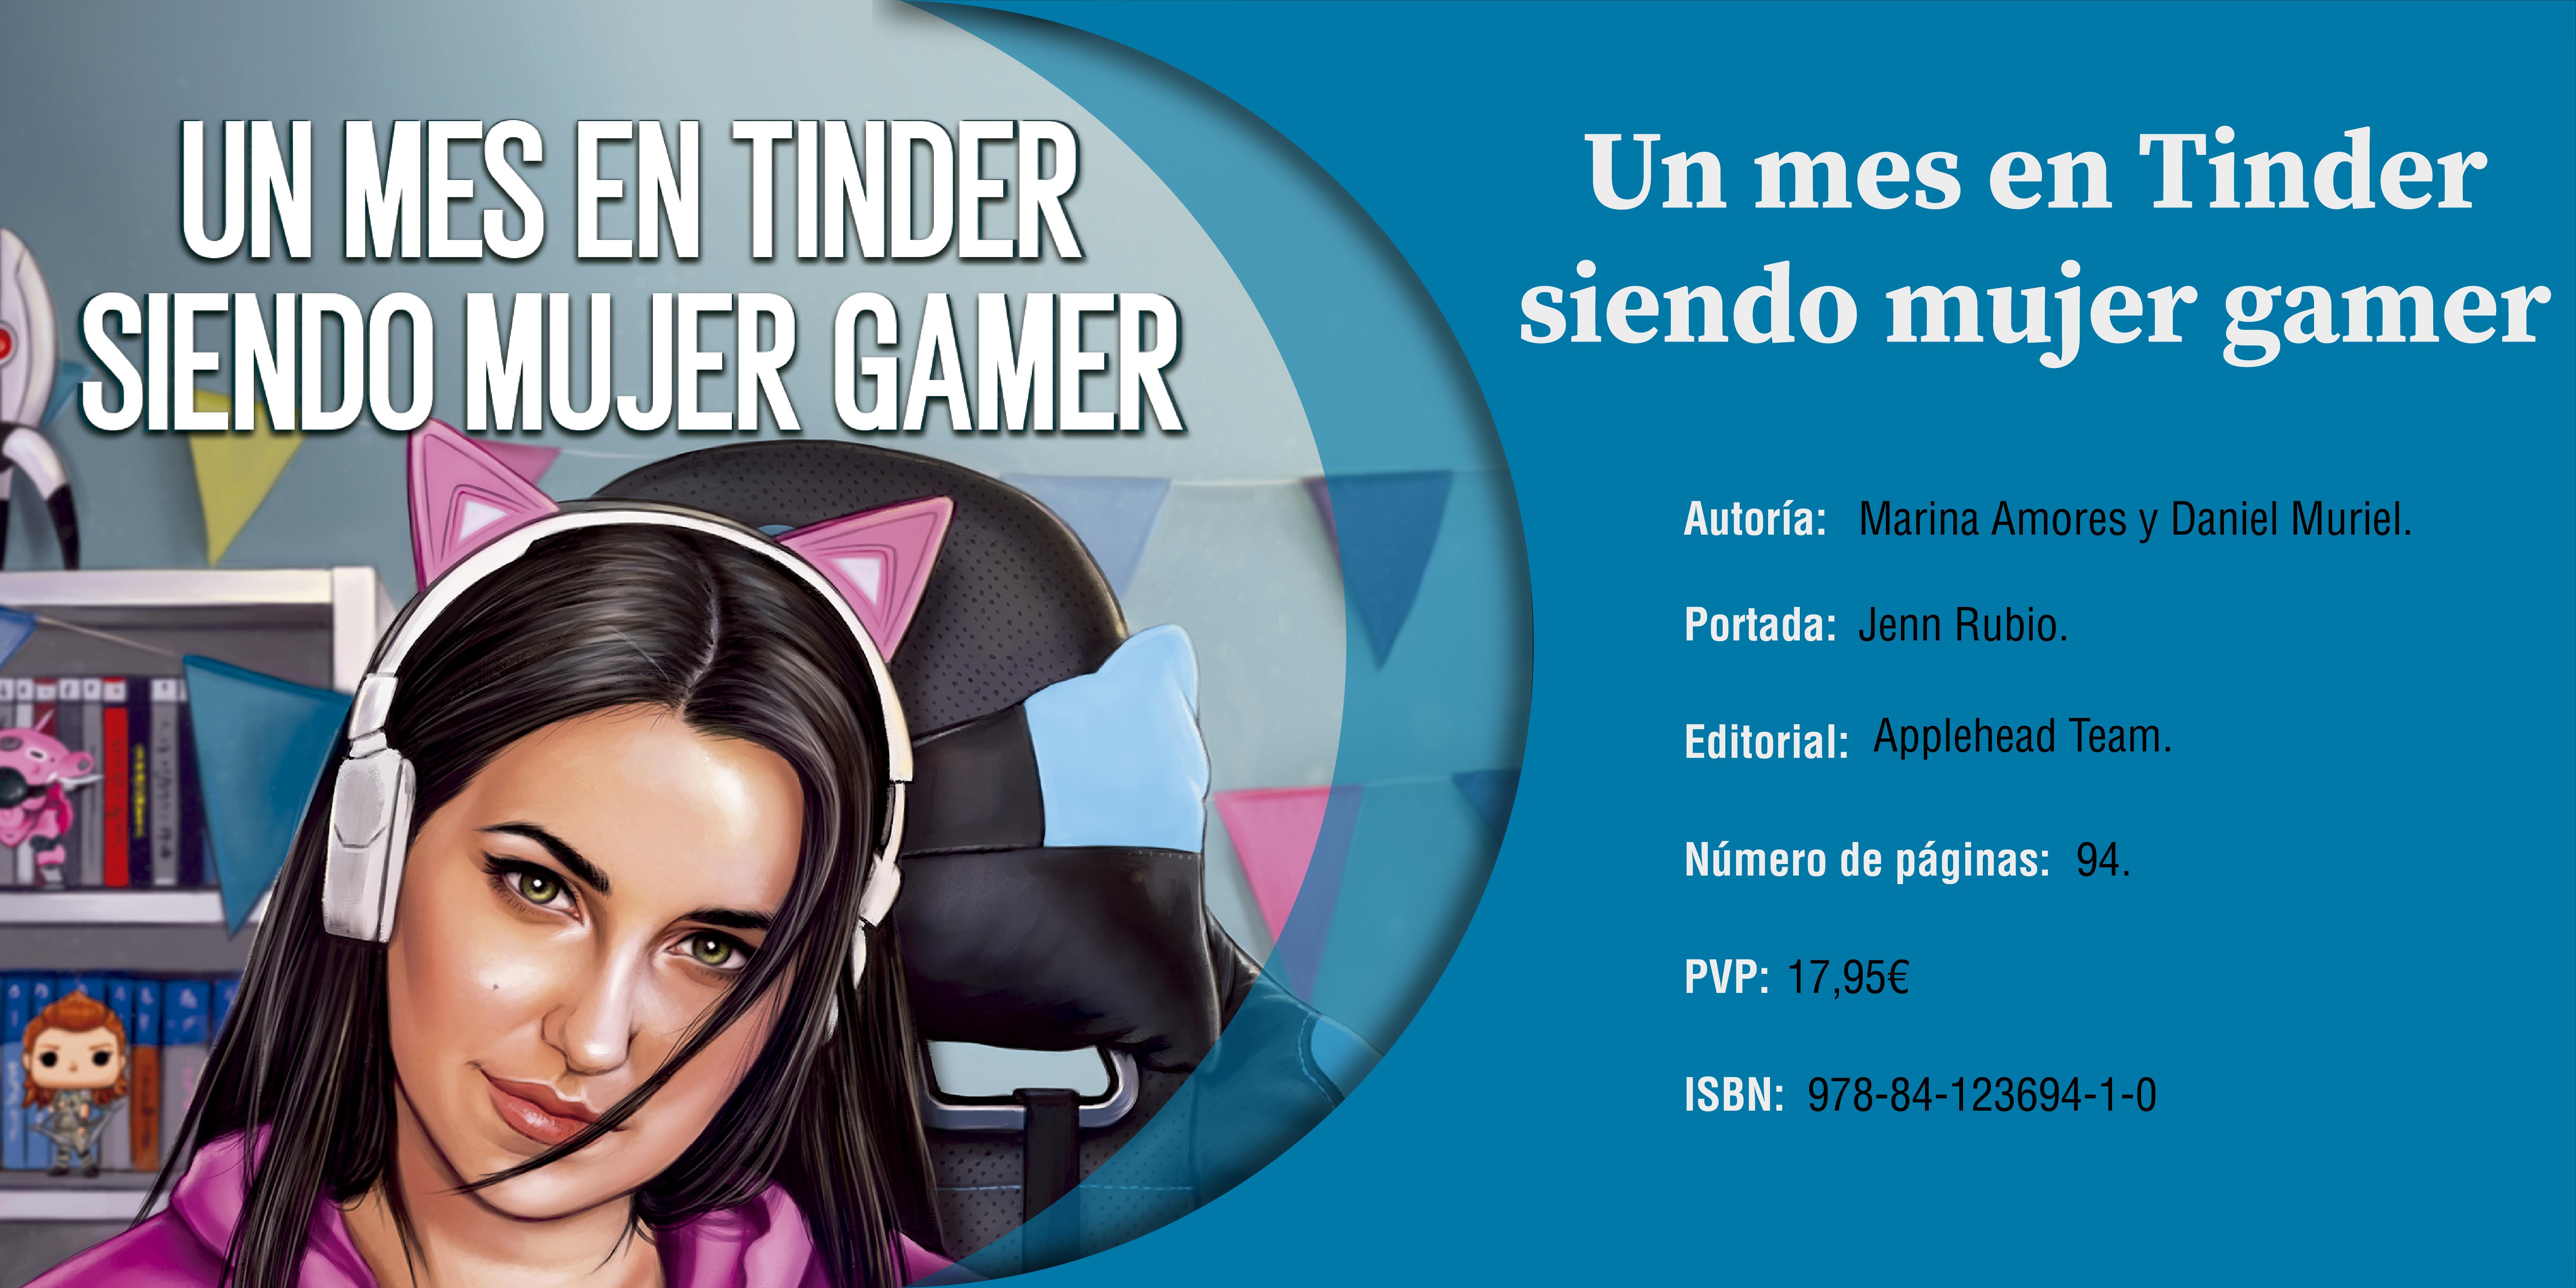 Las Gorgonas: Un mes en Tinder siendo mujer gamer